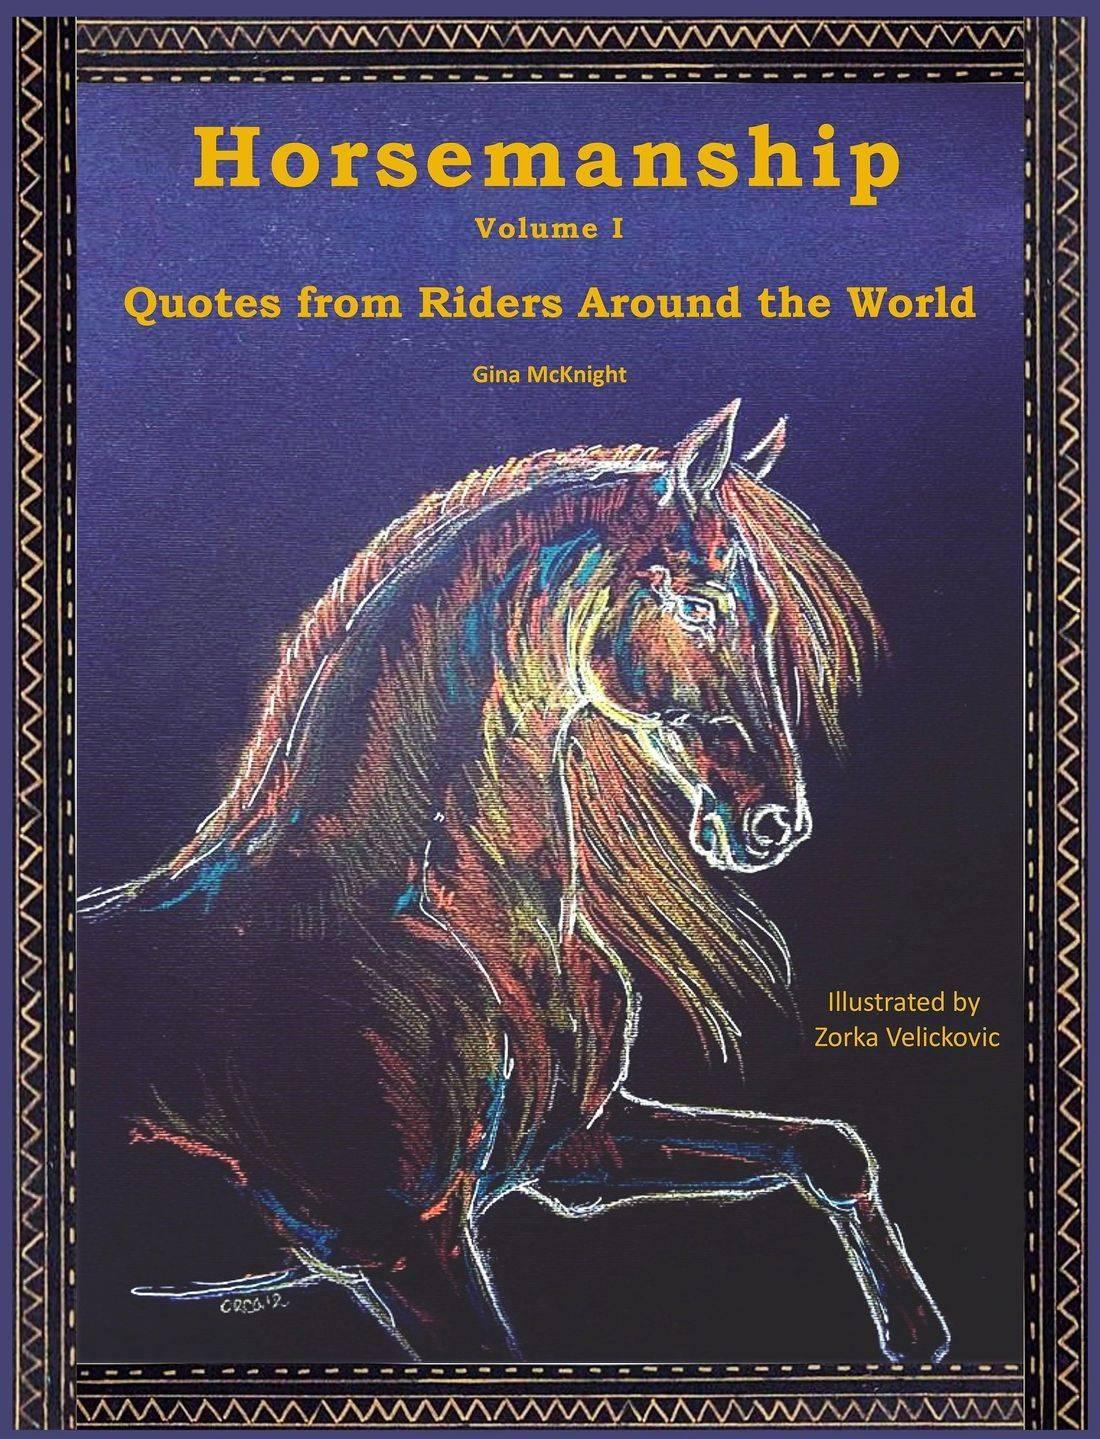 Horsemanship: Quotes from Riders Around the World, Gina McKnight & Zorka Velickovic